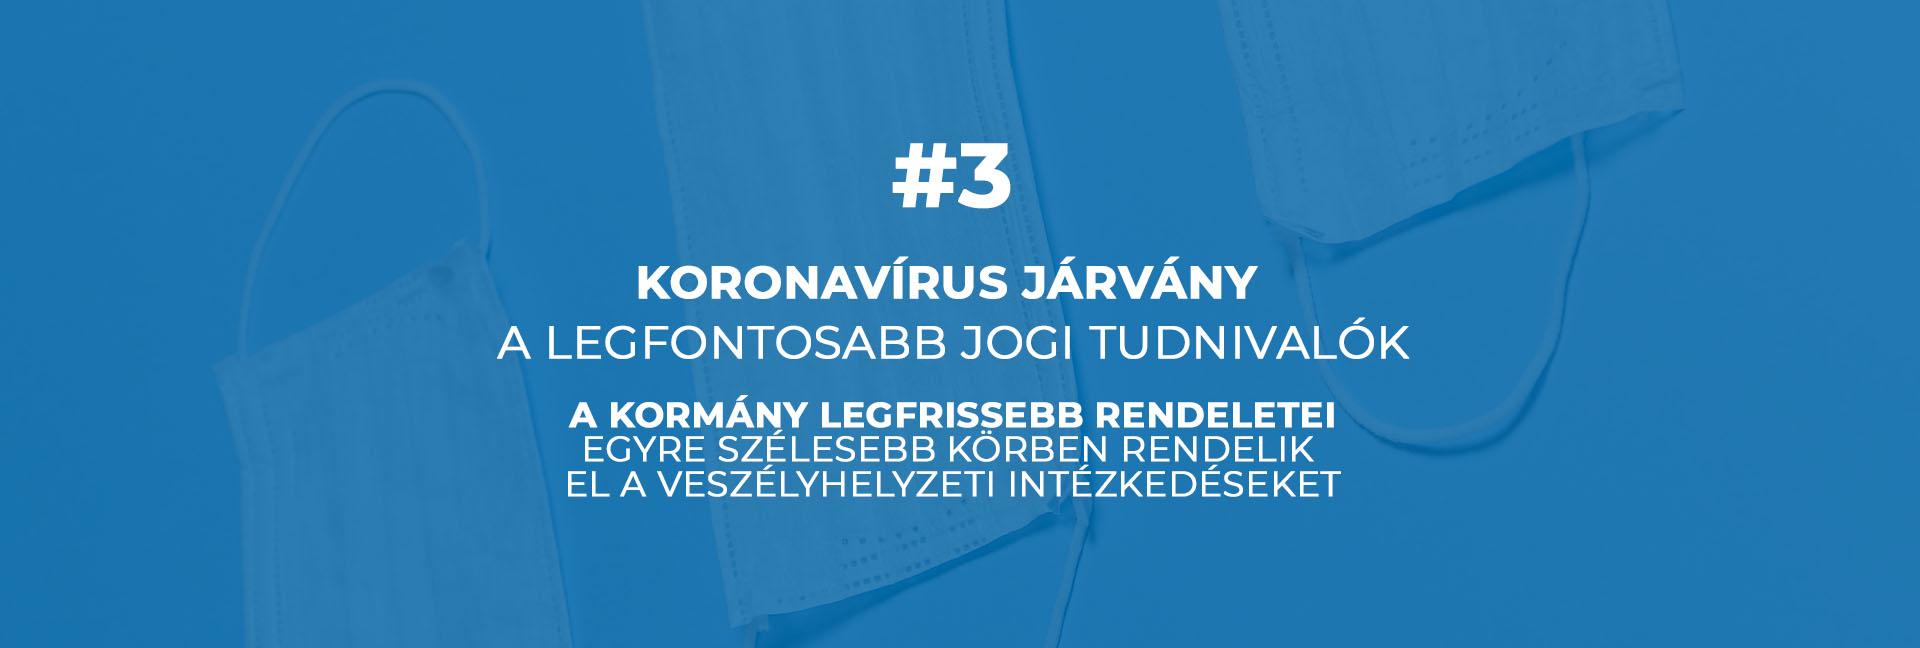 #3 Koronavírus járvány – egyre szélesebb körben rendelik el a veszélyhelyzeti intézkedéseket